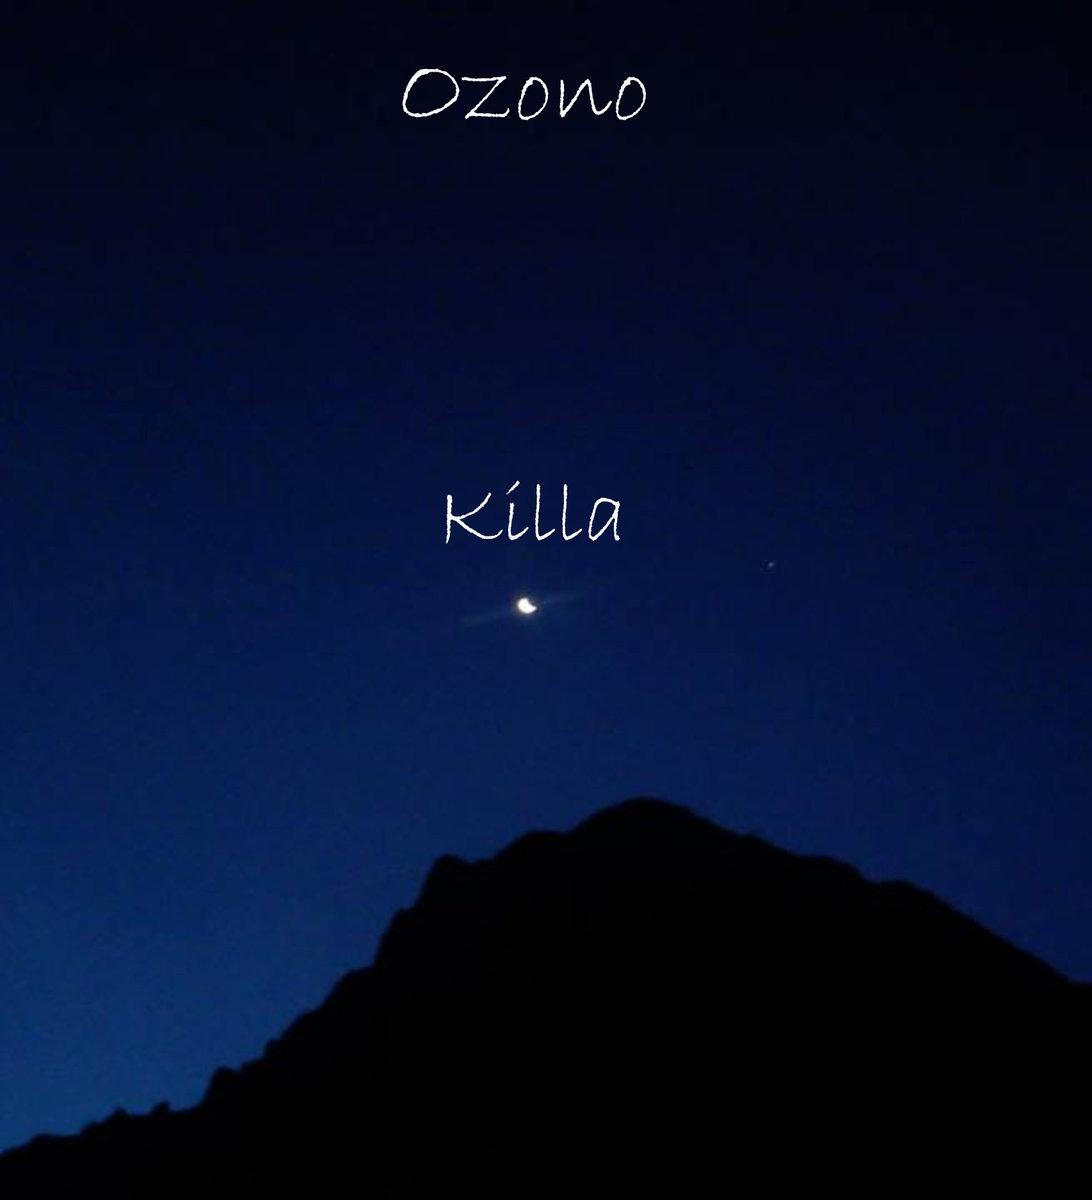 ozono-killa